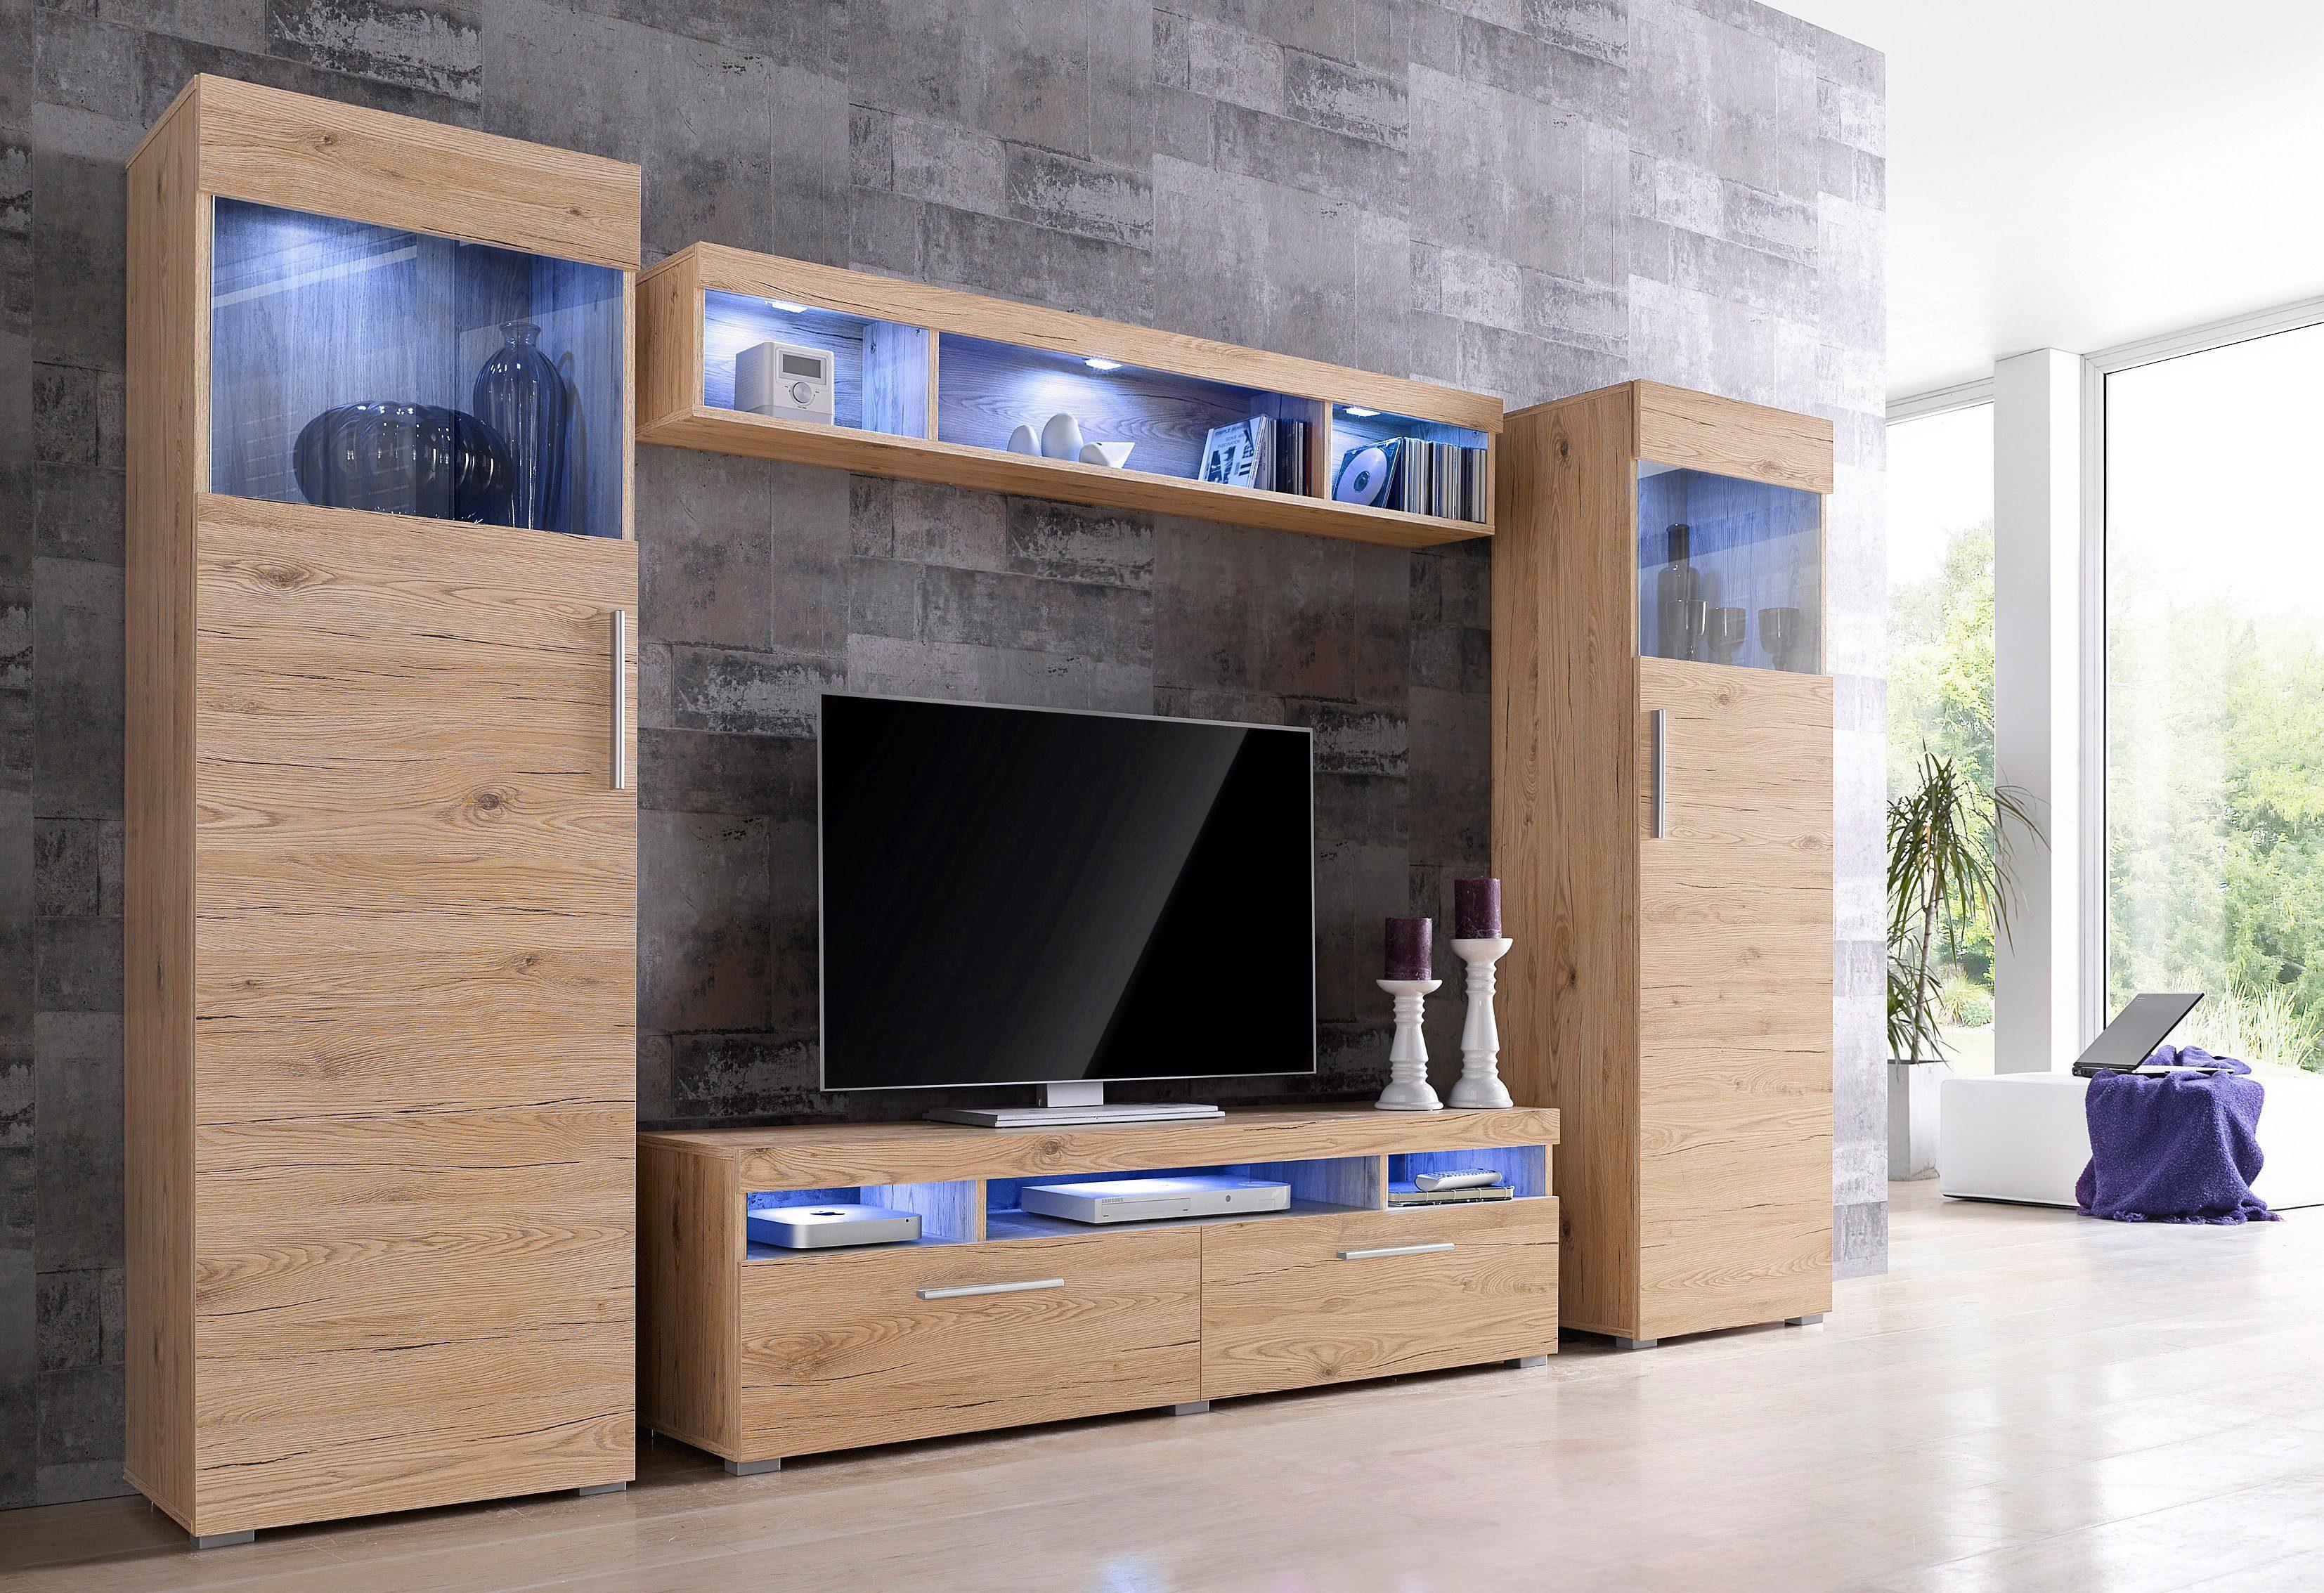 Tv Meubel Afbeeldingen : Ganezza meubel complete woonkamers categorie tv meubel